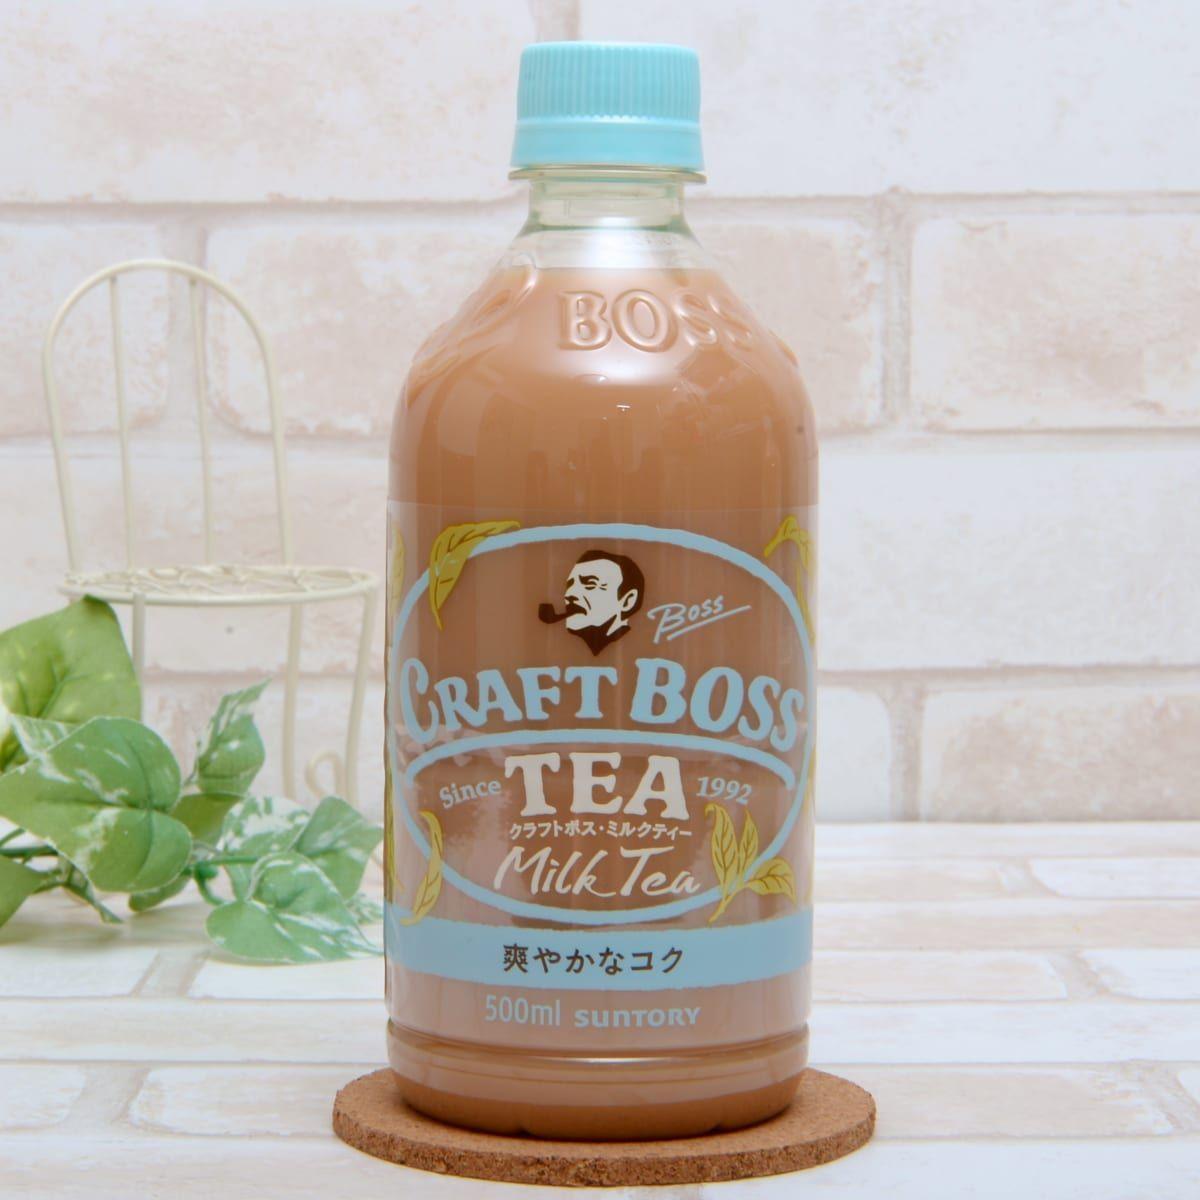 5204 - 石塚硝子(株) 7月2日に新製品発売 もう飲みました? どんどん新製品が発売されますね   「クラフトボス」から紅茶